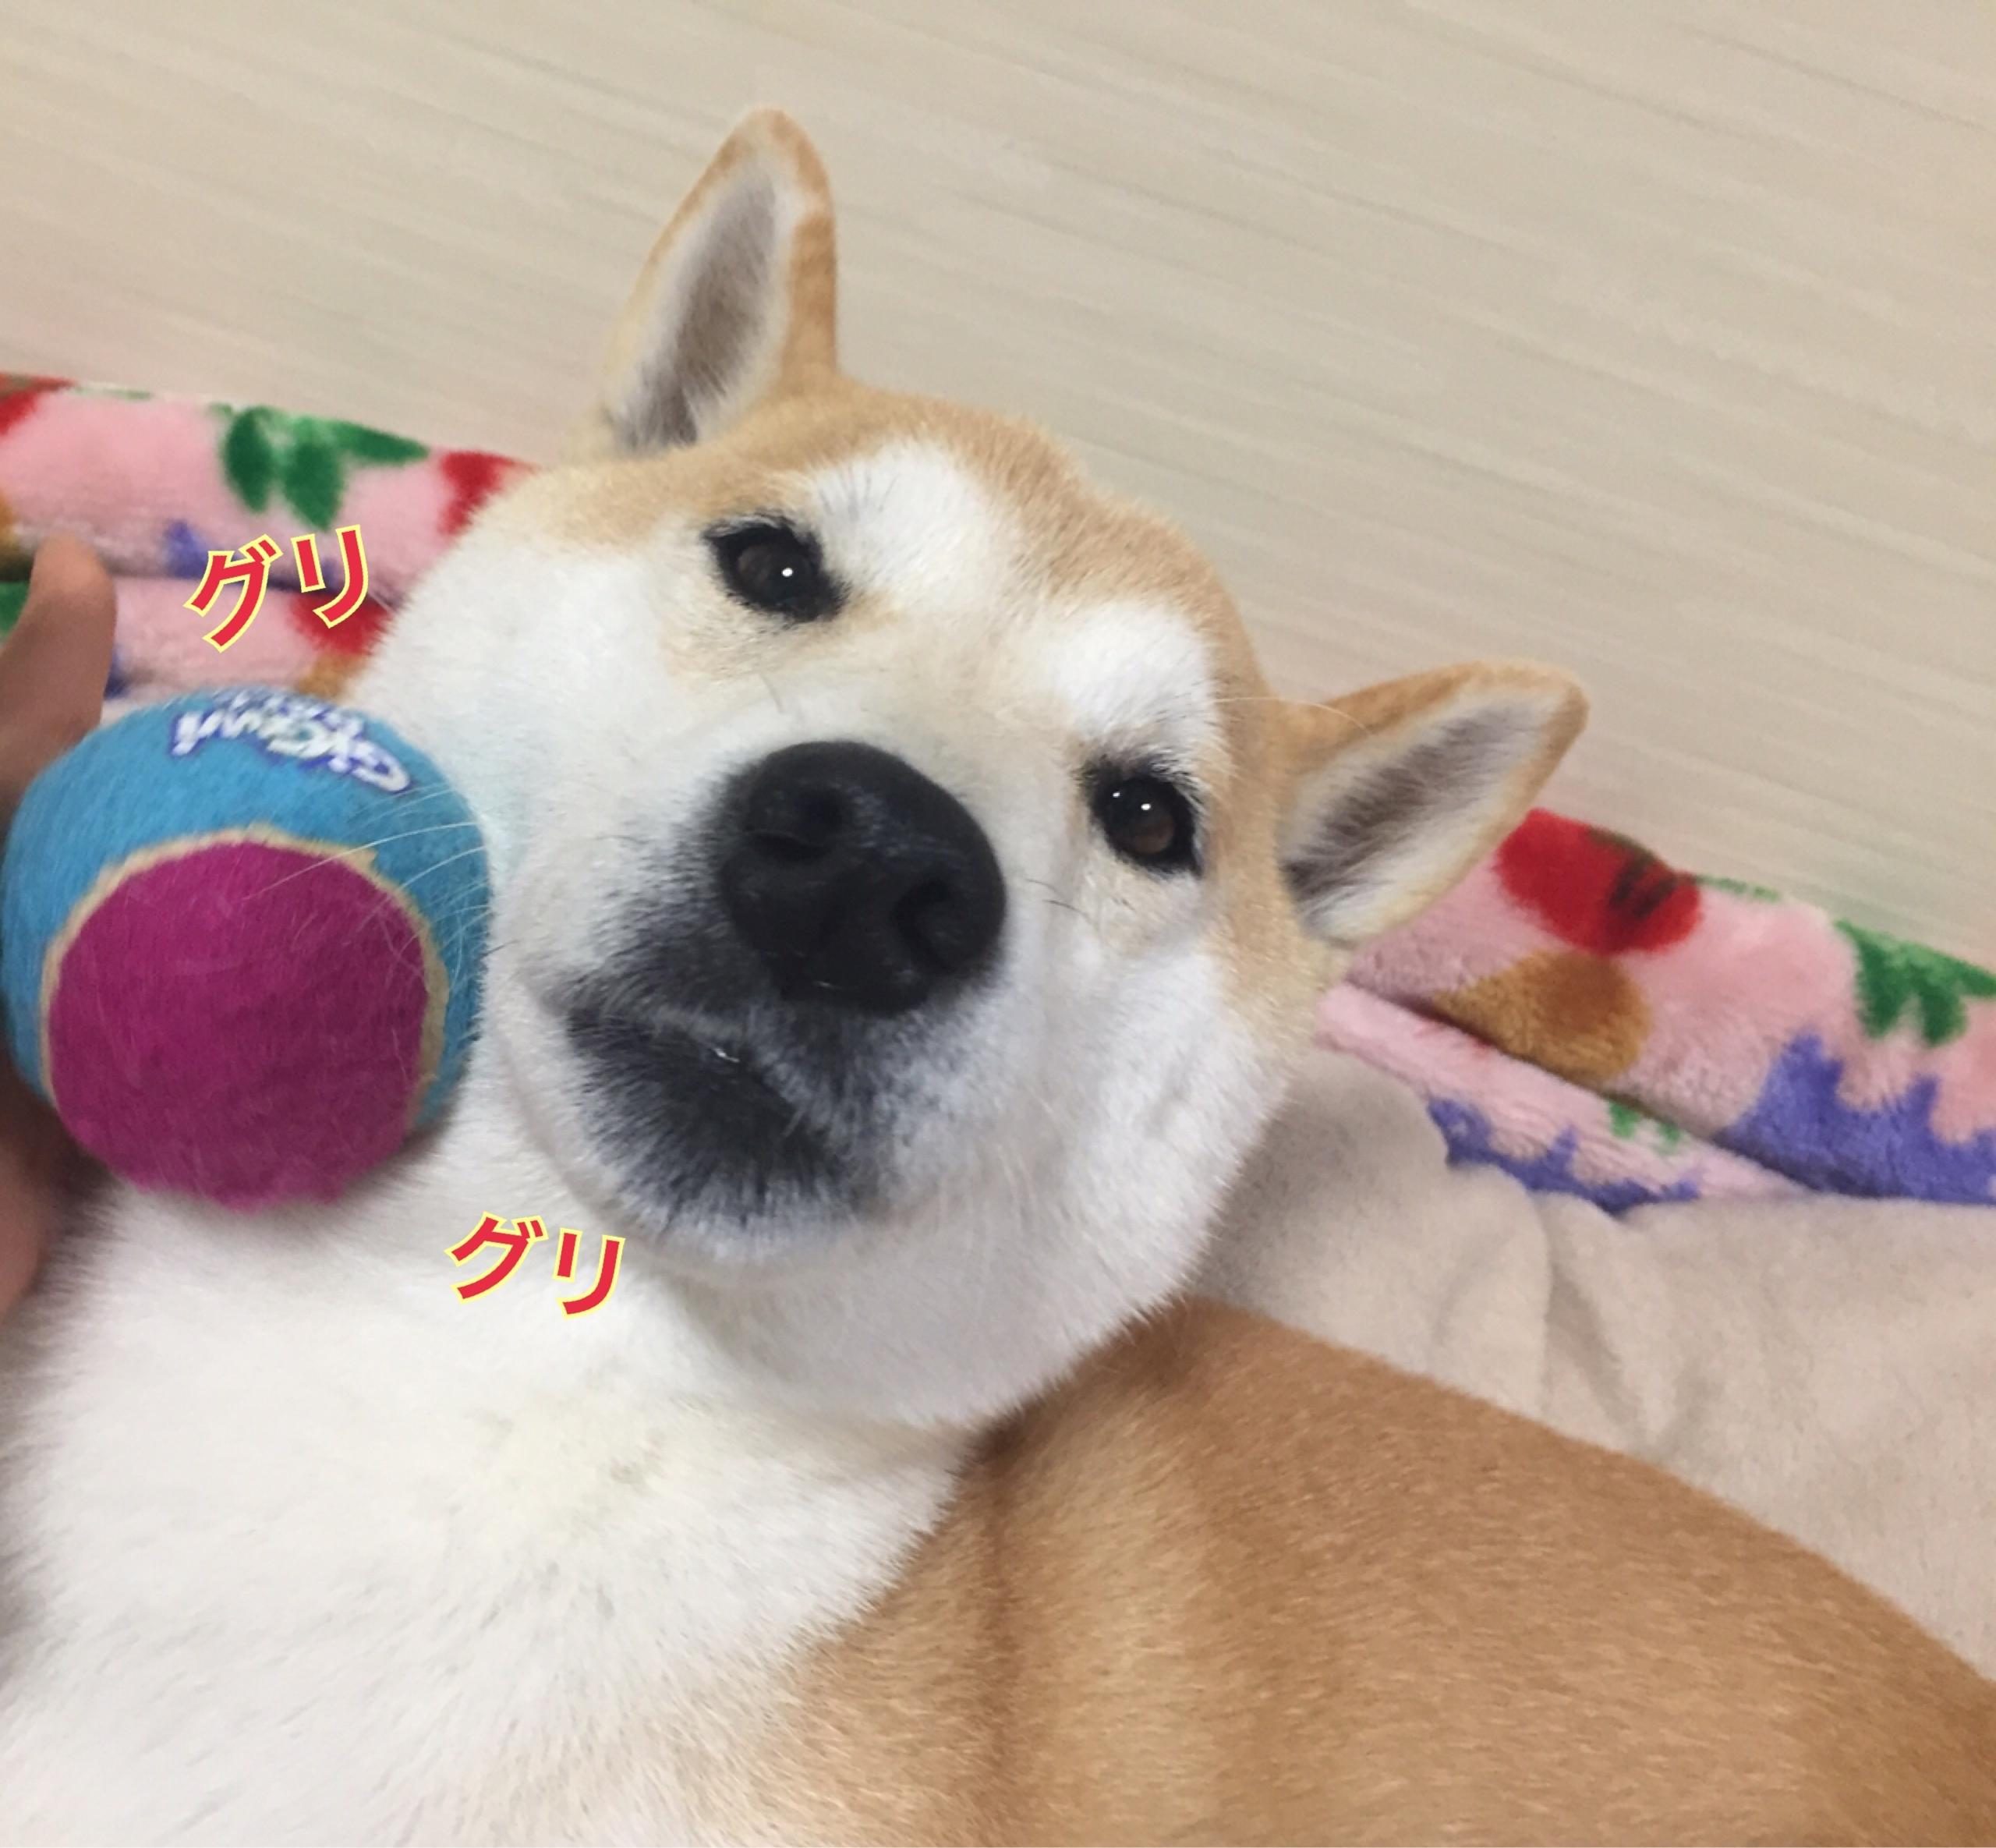 頭乗せチャレンジ!(ミニボール編)